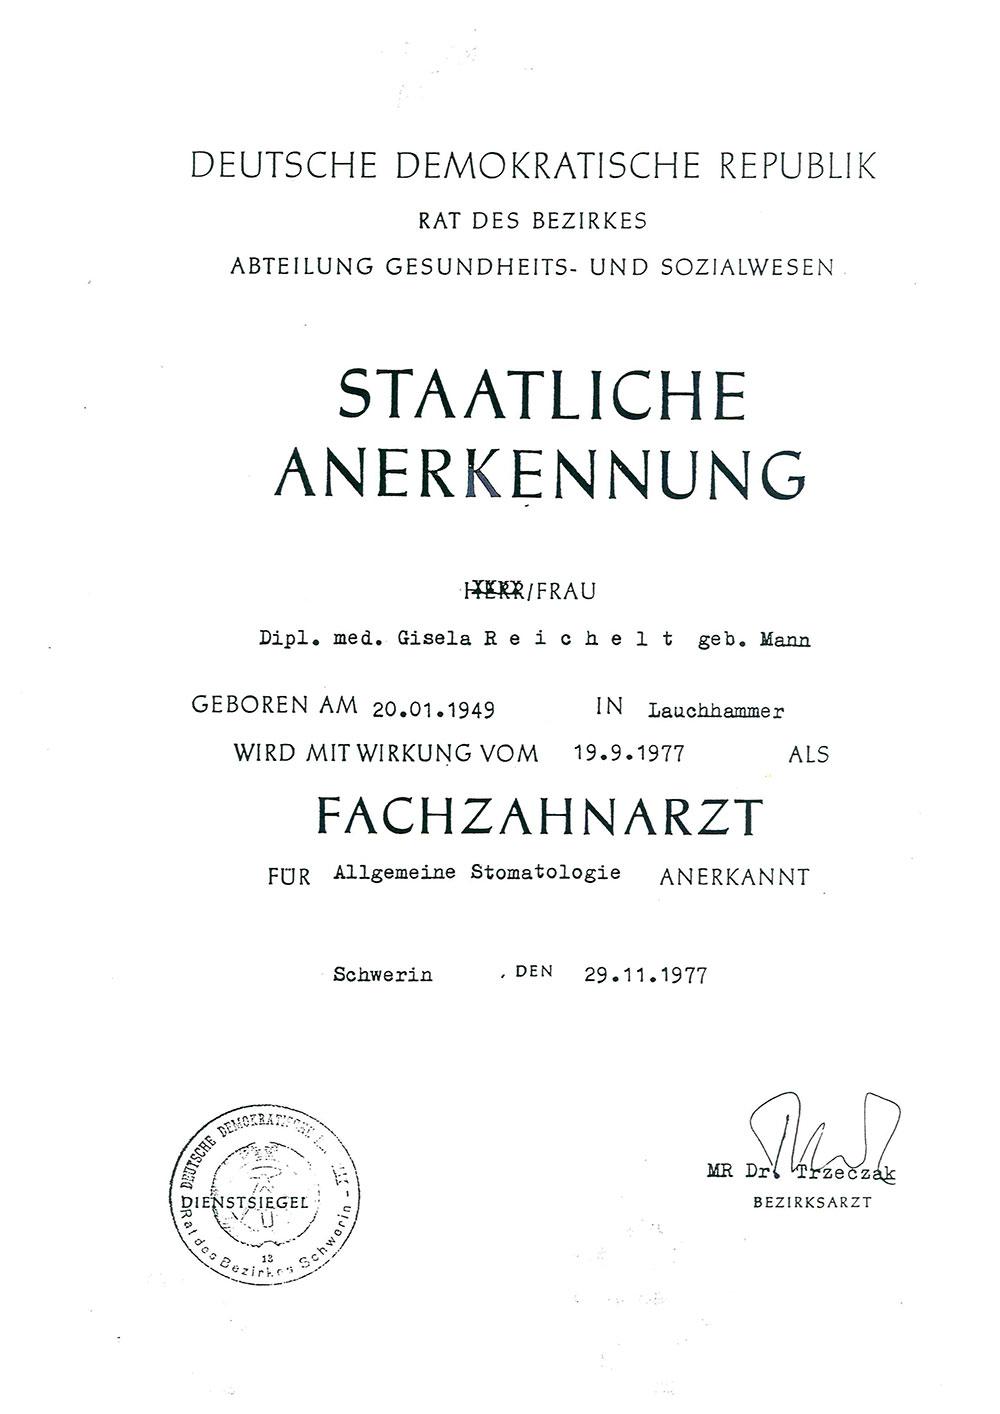 staatliche-Anerkennung-Reichelt